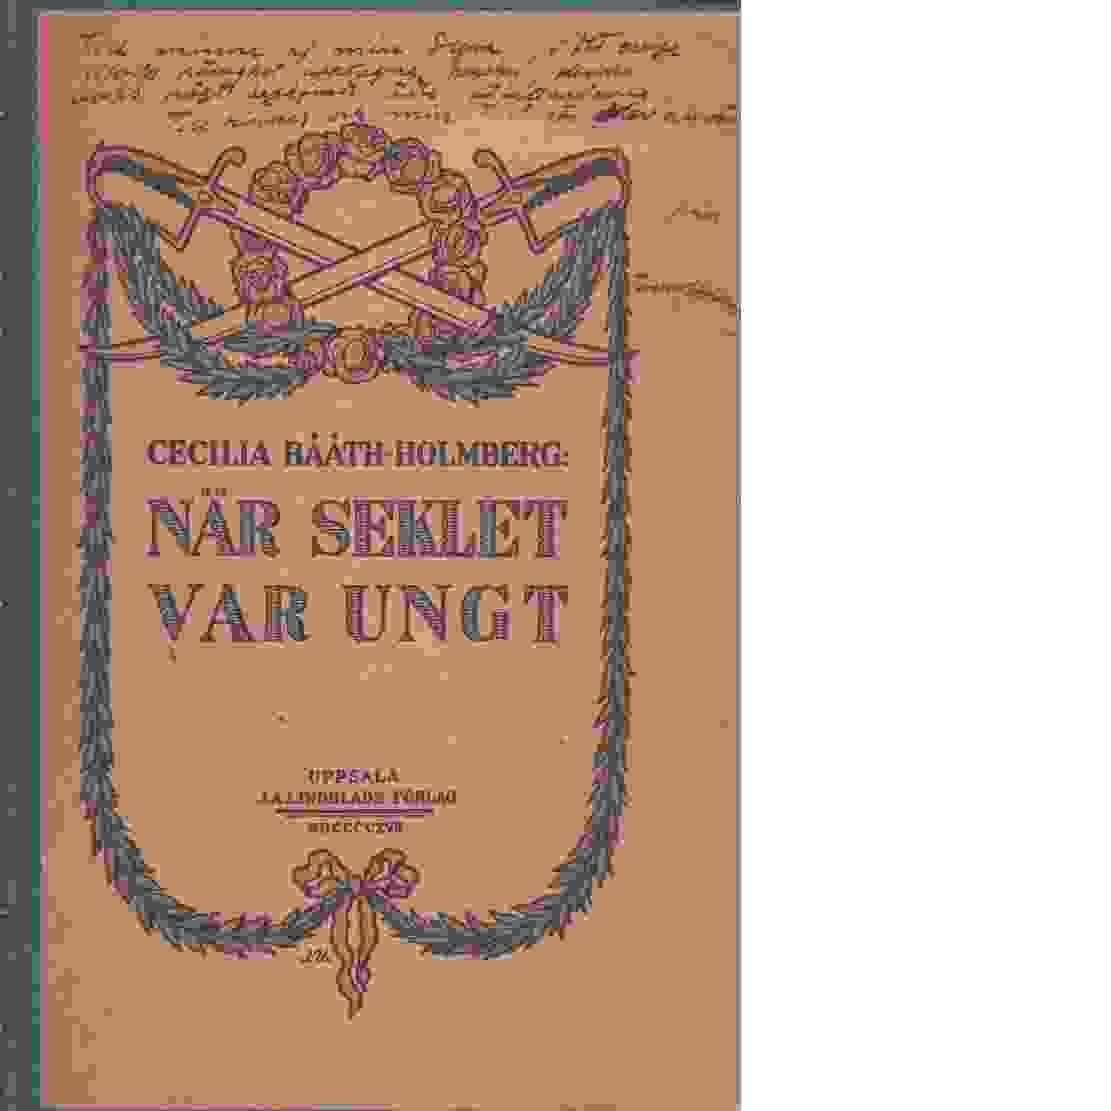 När seklet var ungt : berättelse från det gamla Lund - Bååth-Holmberg, Cecilia